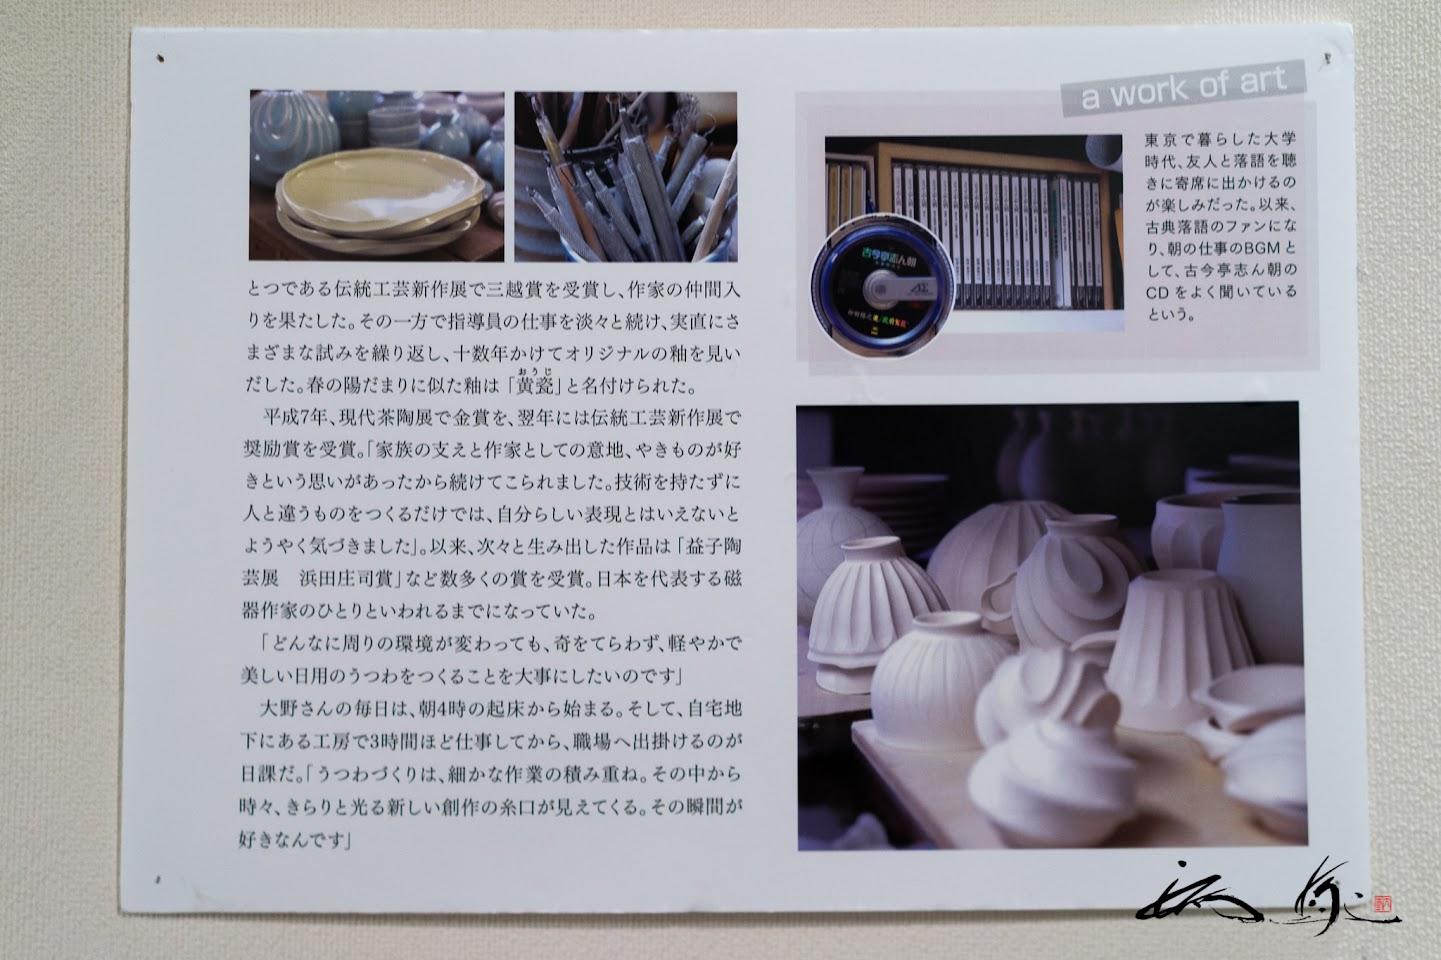 独自の「黄瓷(おうじ)」と「鎬(しのぎ)」の伝統技法